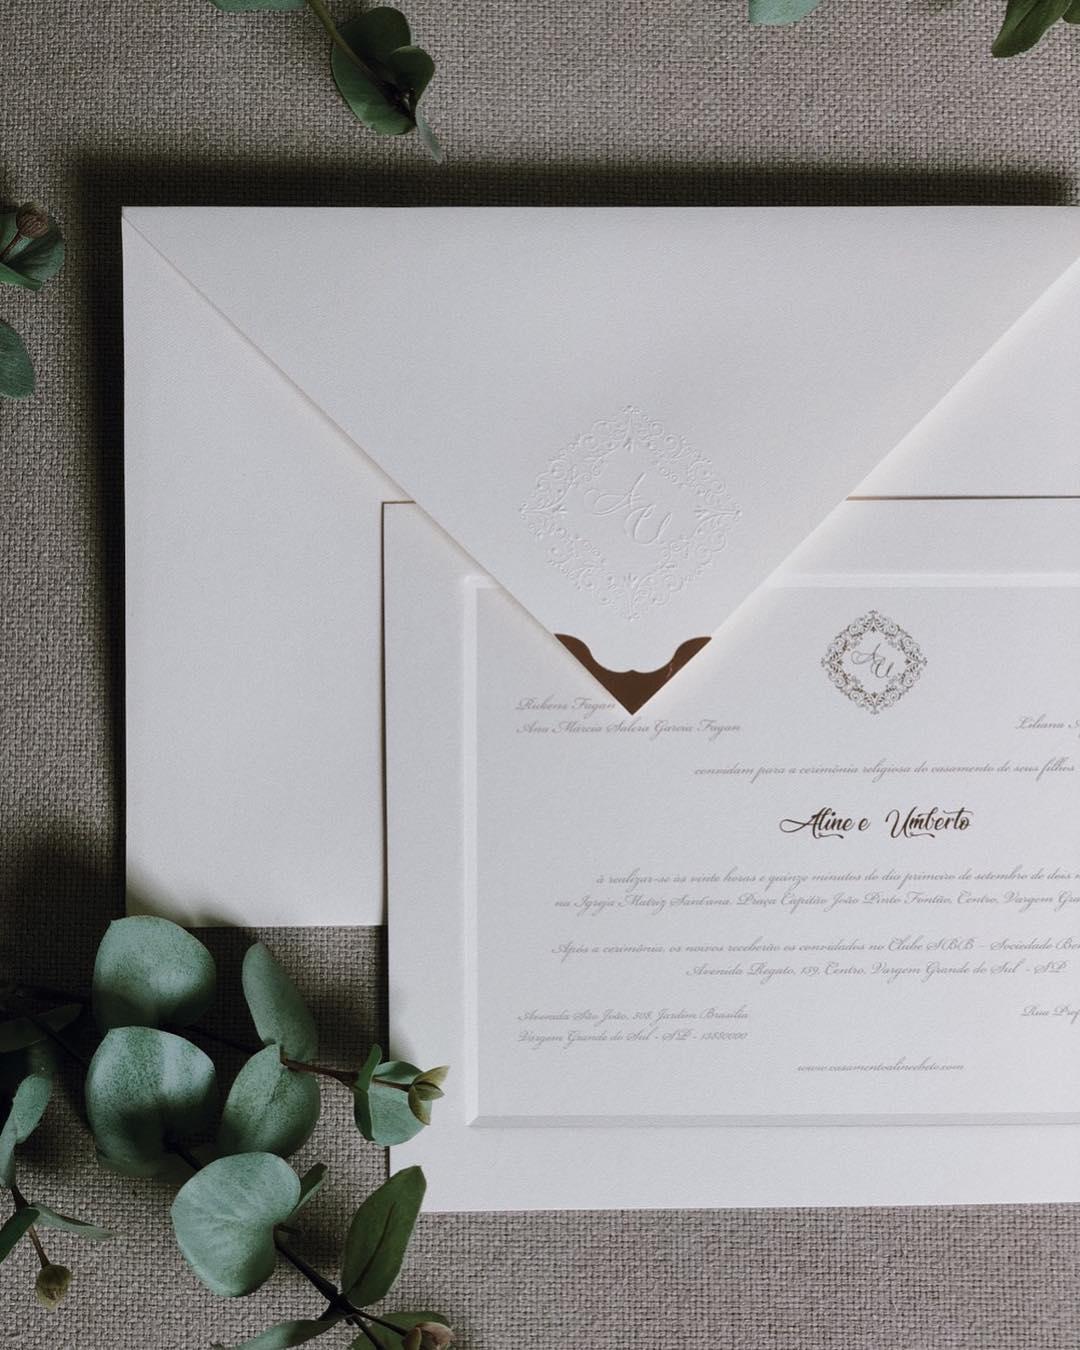 convite-de-casamento-tradicional-scards